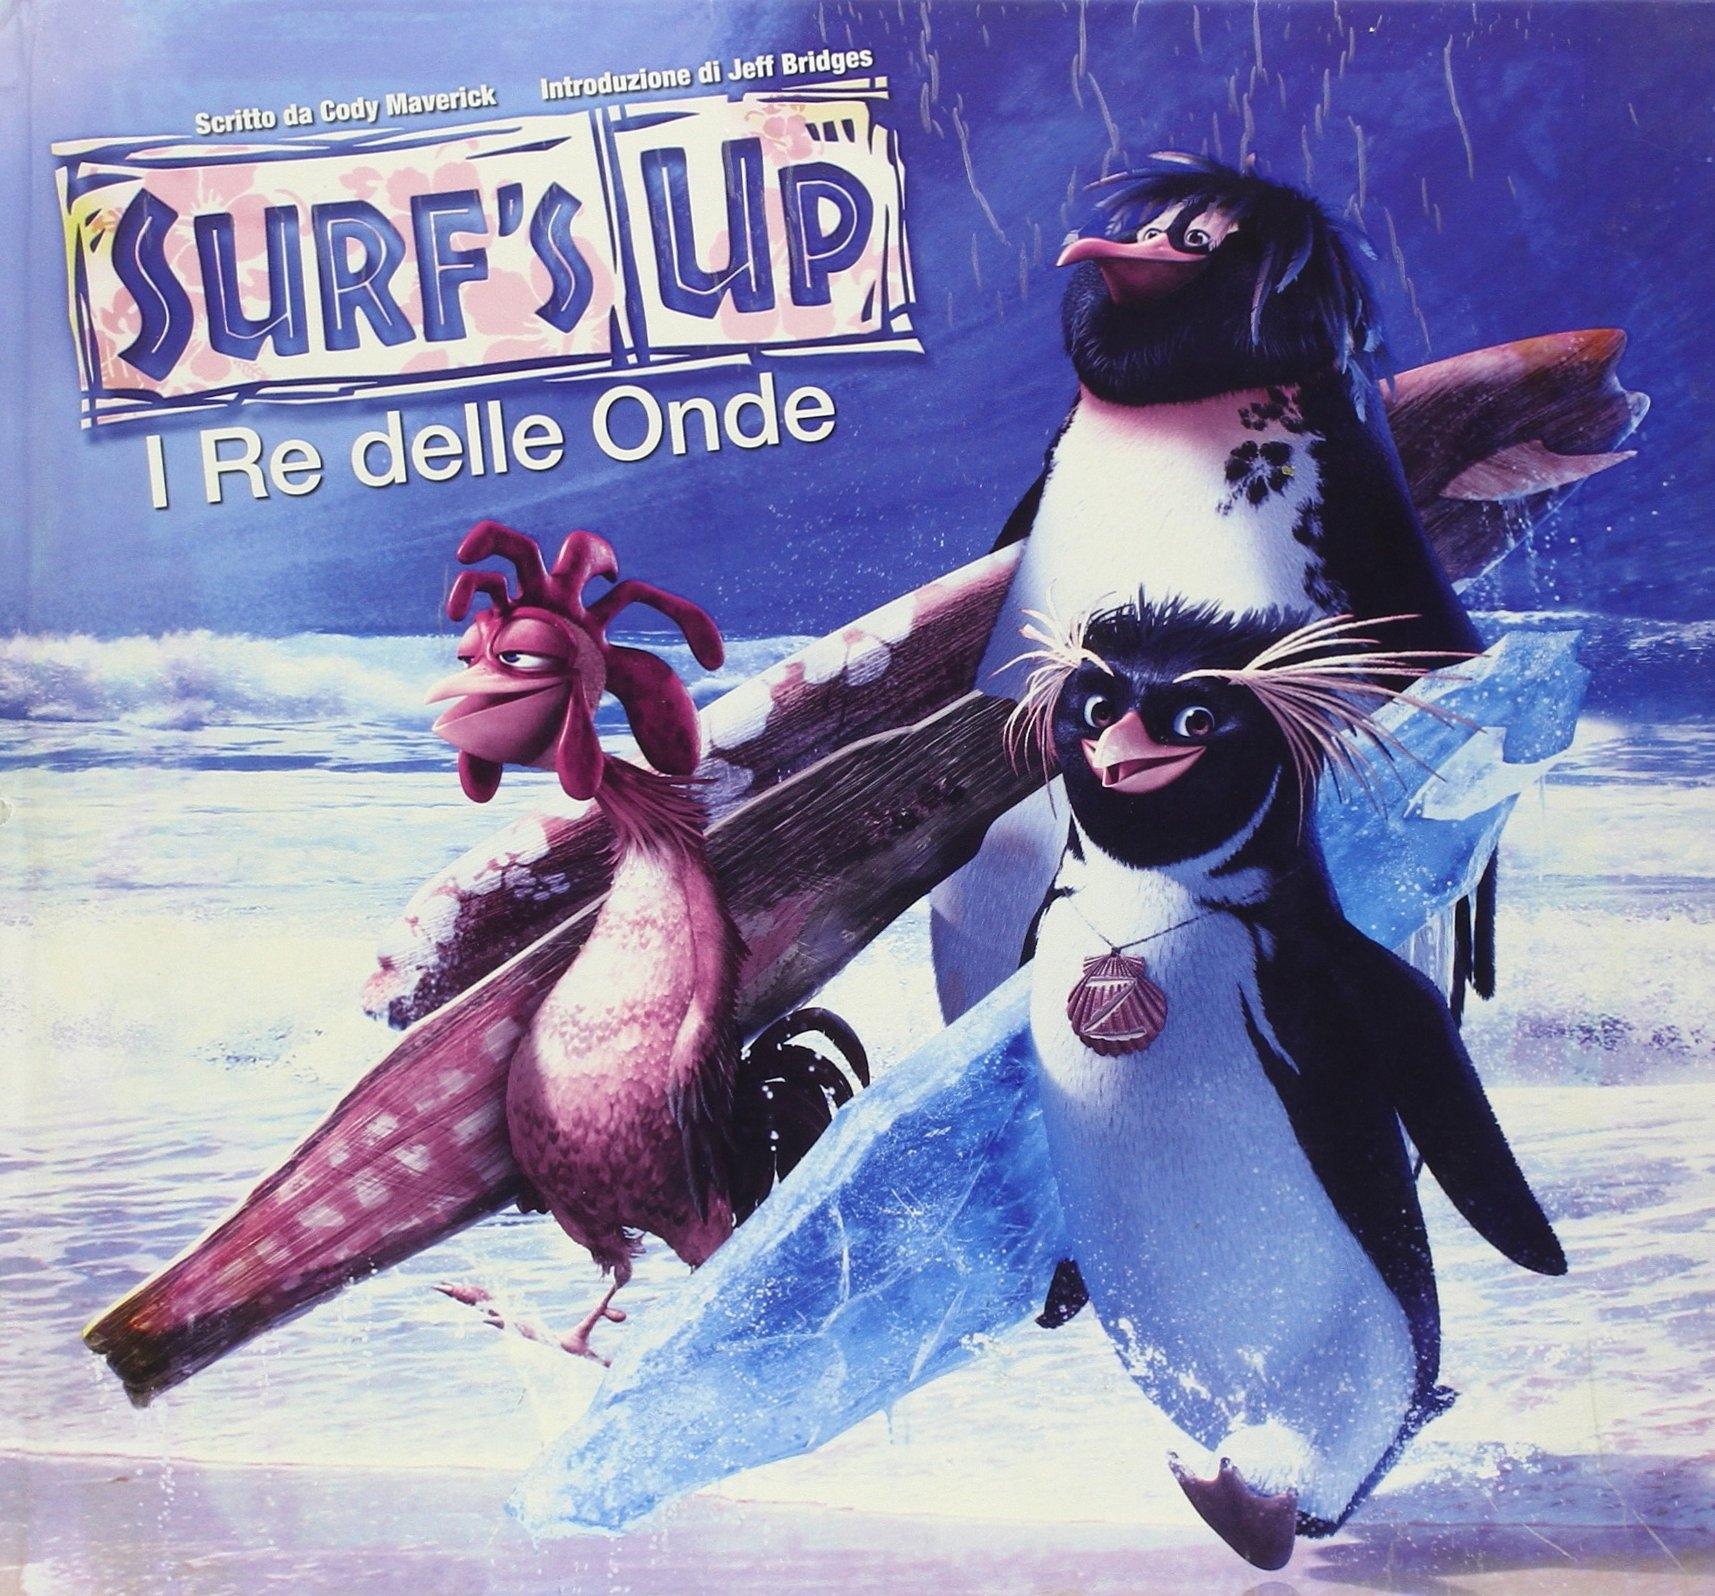 Surf's up. I re delle onde